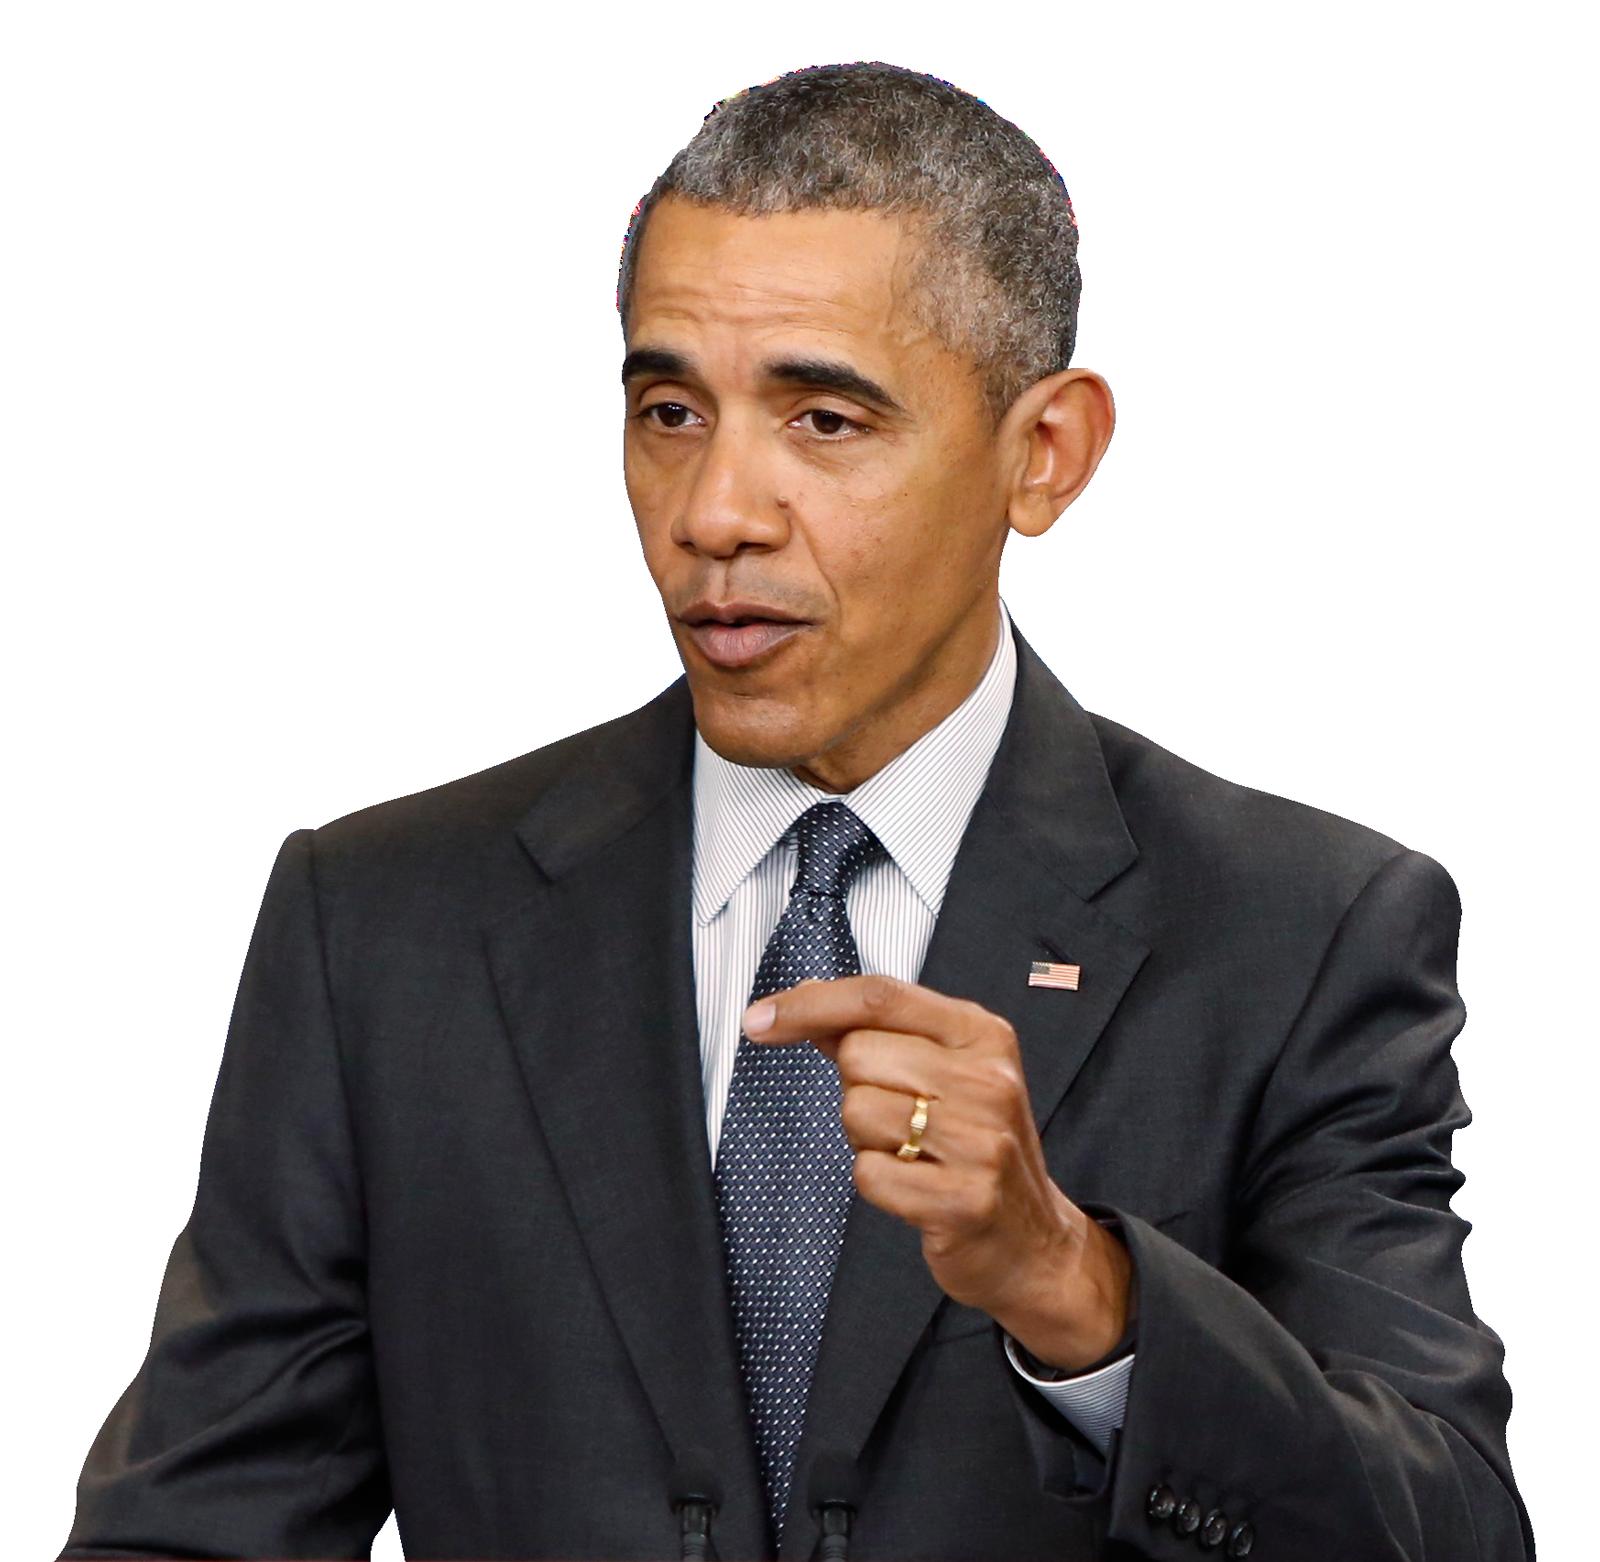 Barack Obama Png - Barack Obama, Transparent background PNG HD thumbnail